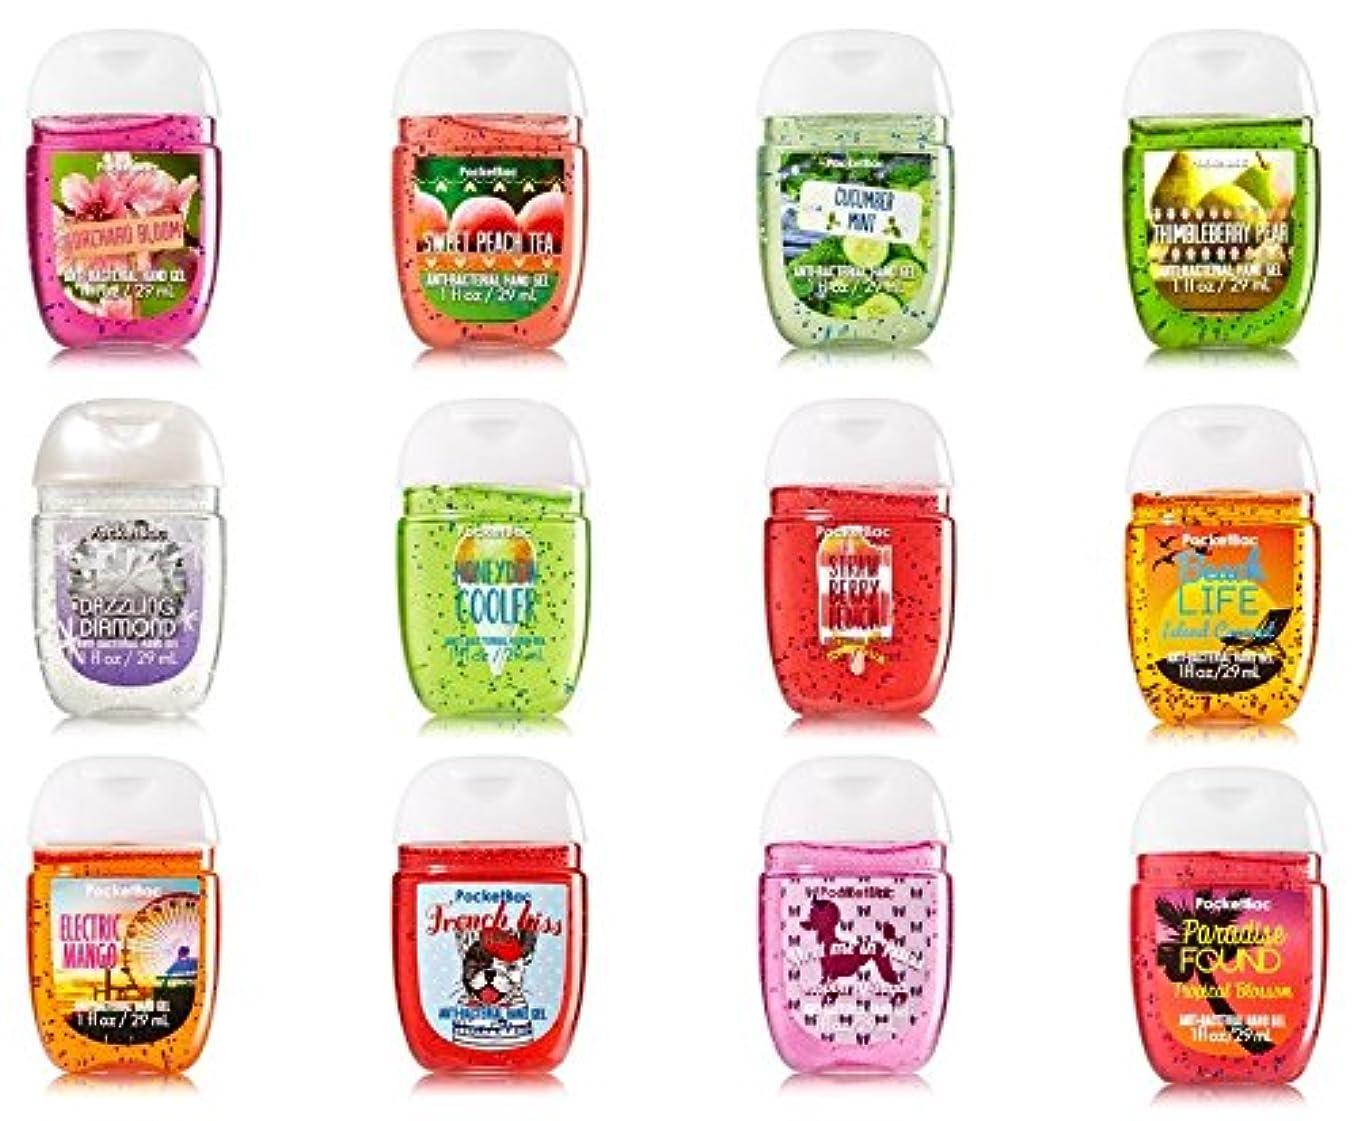 協力的潤滑する司書【アメリカ直送】Bath & Body Works Pocketbac Variety 12pk  バス&ボディワークス 水のいらない消毒ジェル 抗菌ハンドジェル 12個セット 各29ml